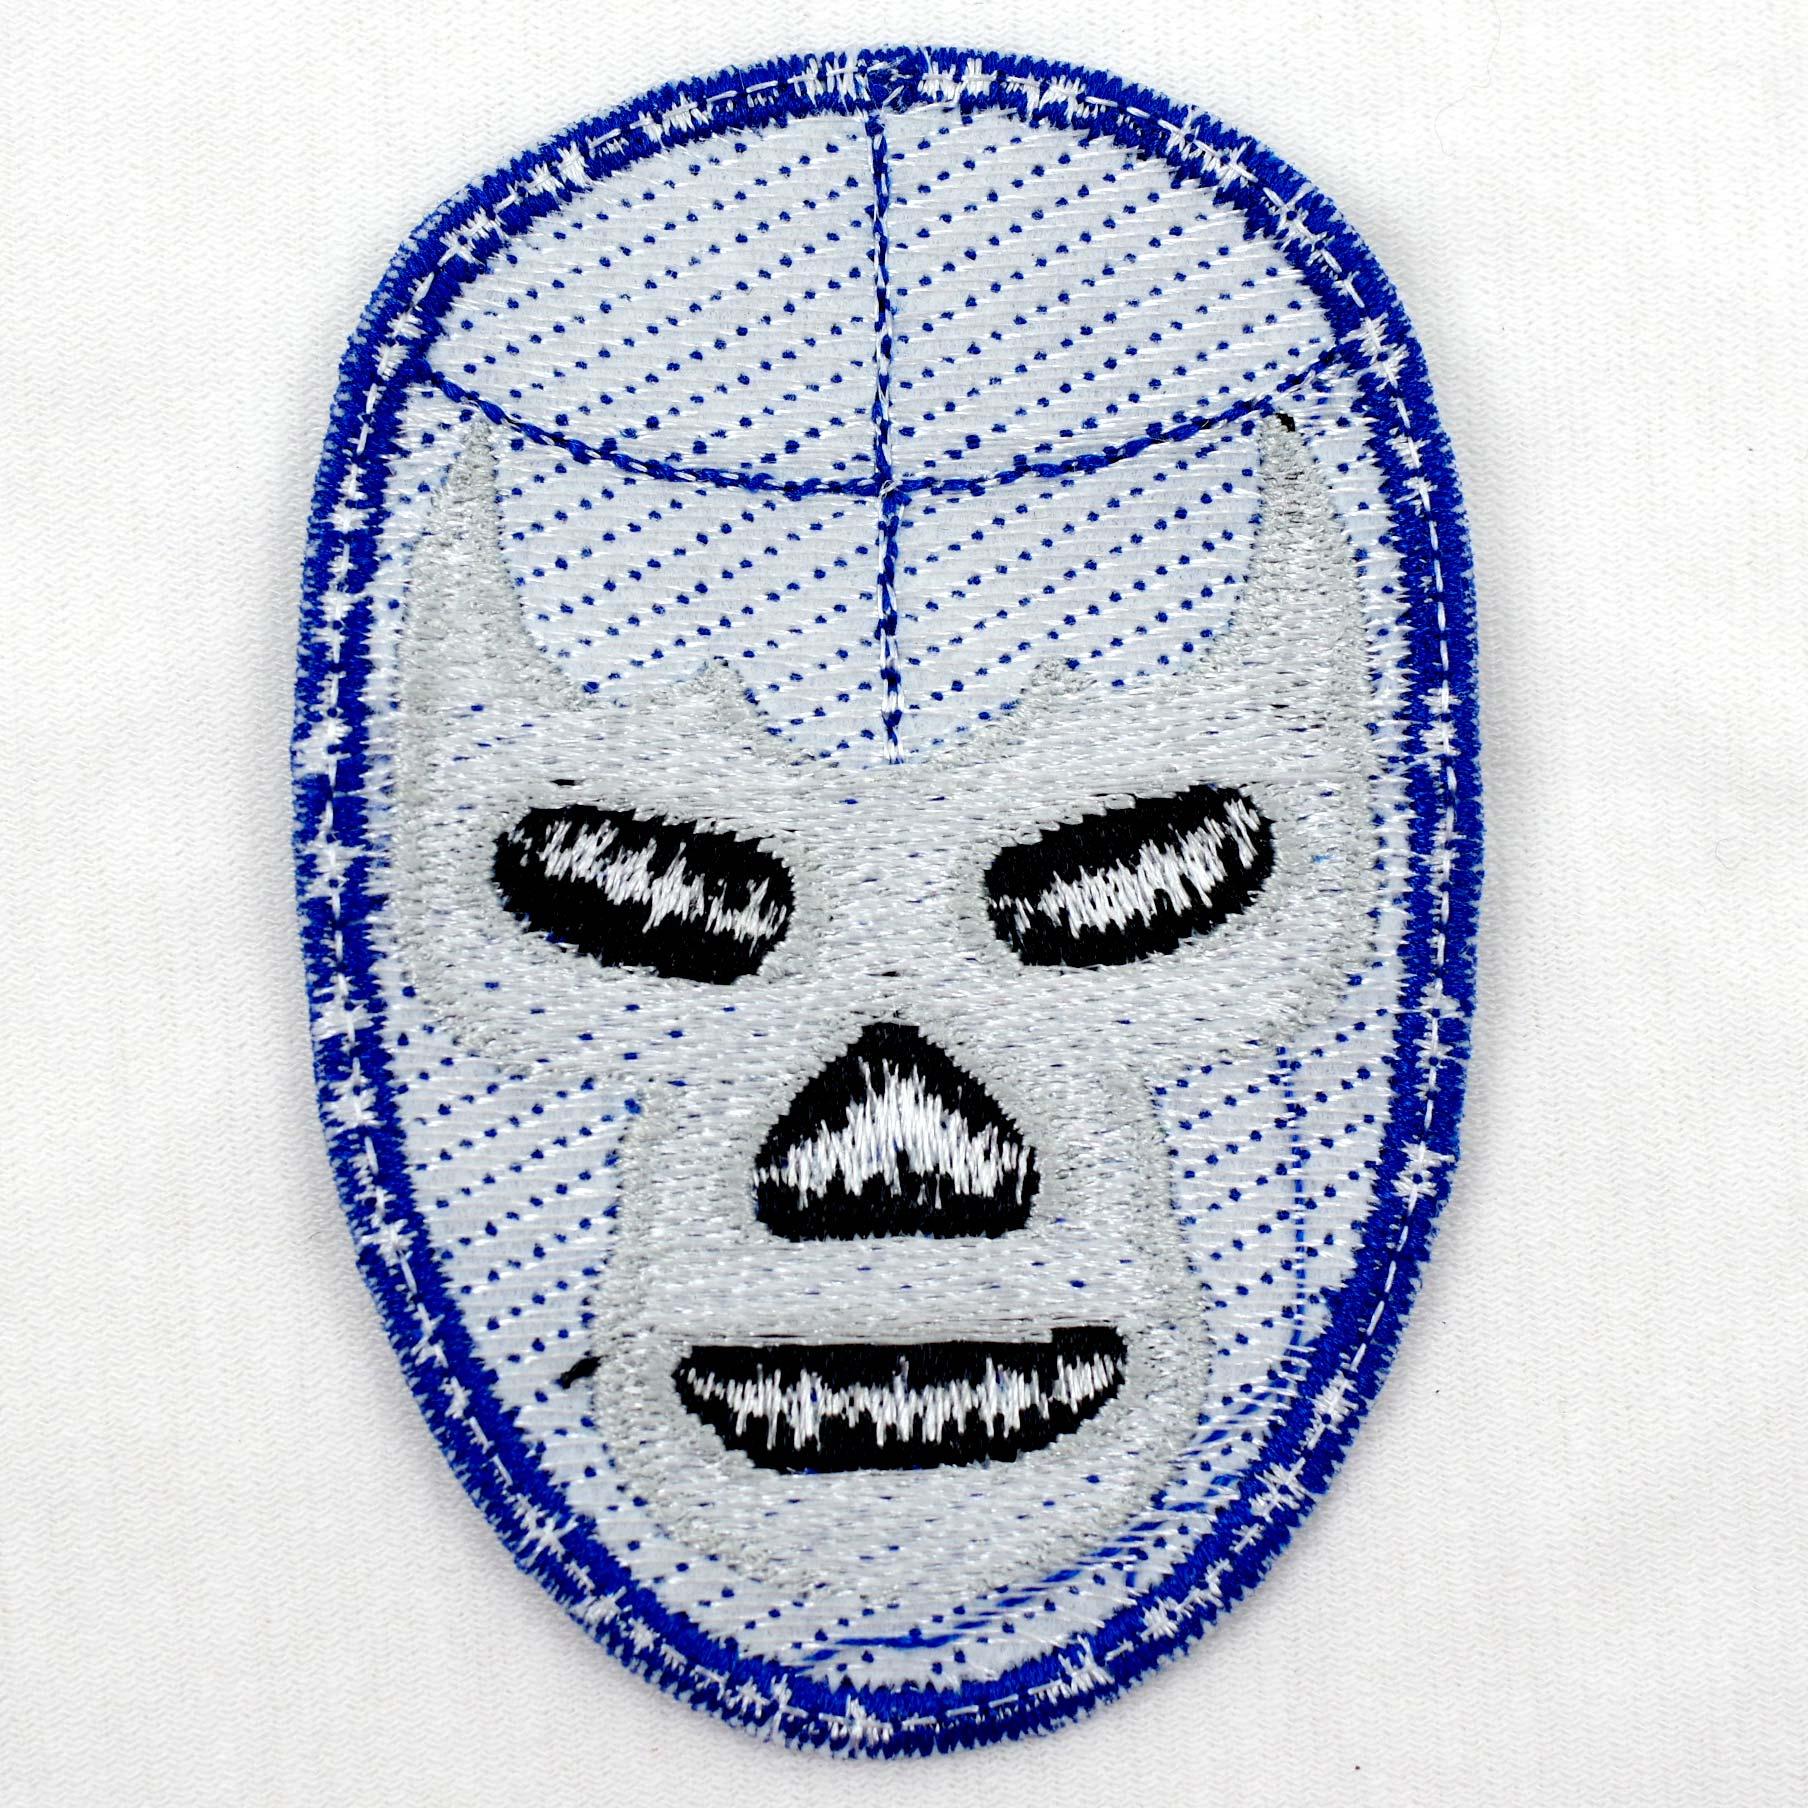 """""""ワッペン,縫い付け,刺繍,刺繍ワッペン,メキシコ,メキシコ雑貨,メキシコ雑貨PAD"""""""